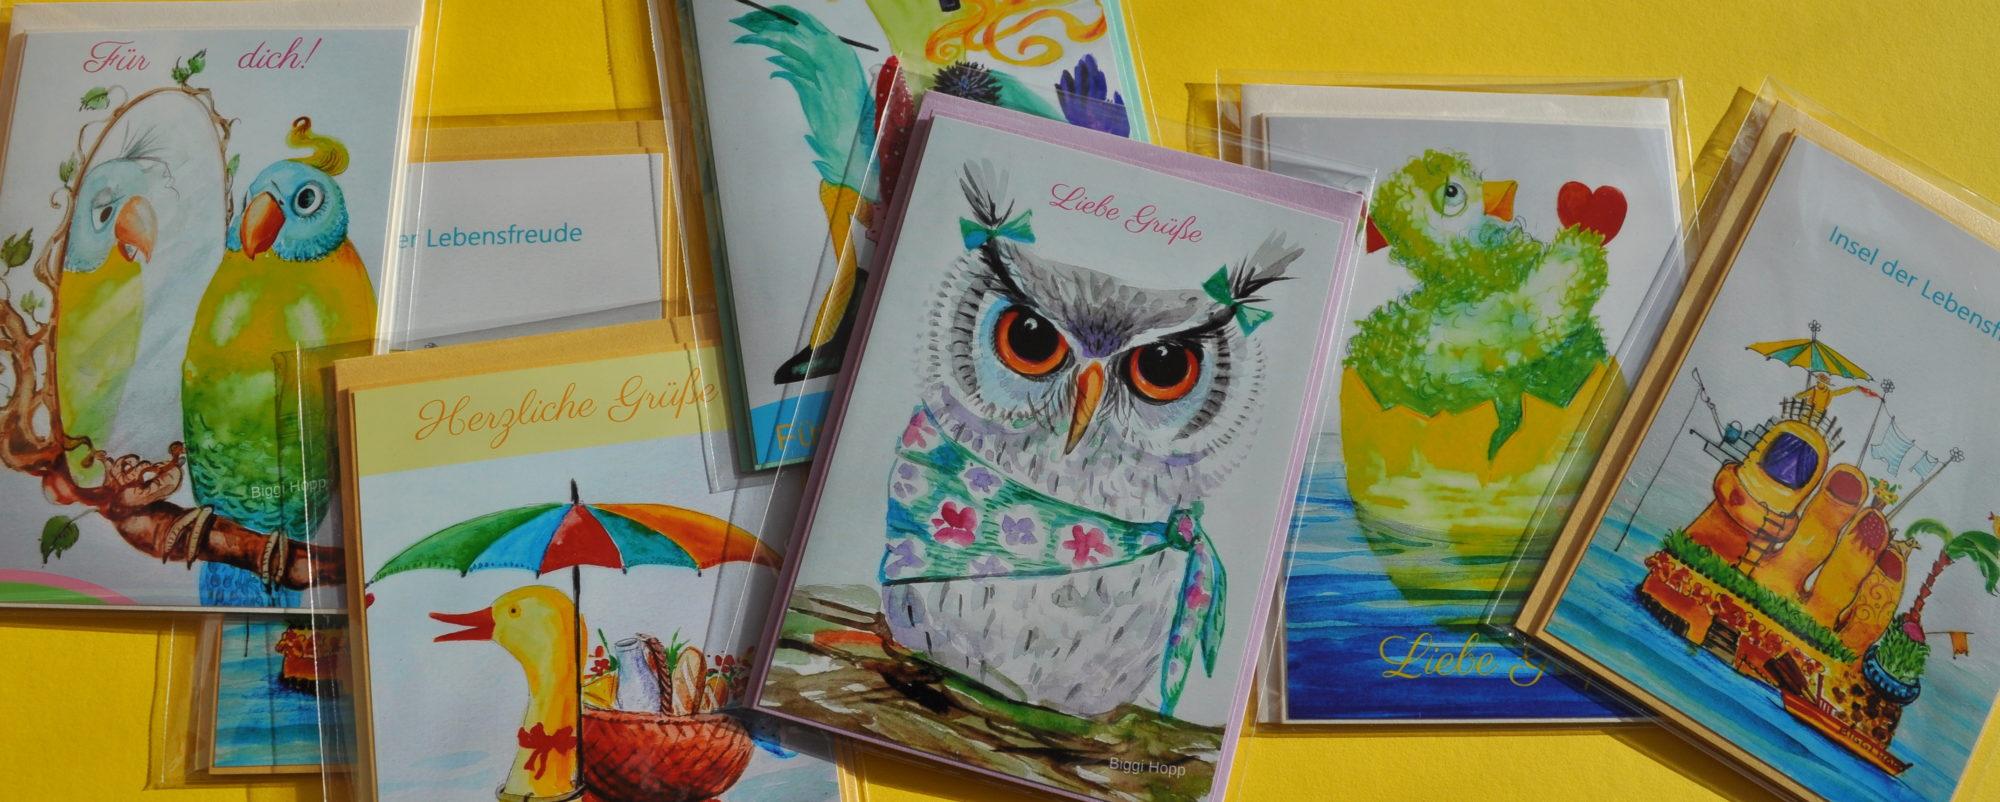 Grußkarten von BIGGI HOPP Atelier und Erzähltheater